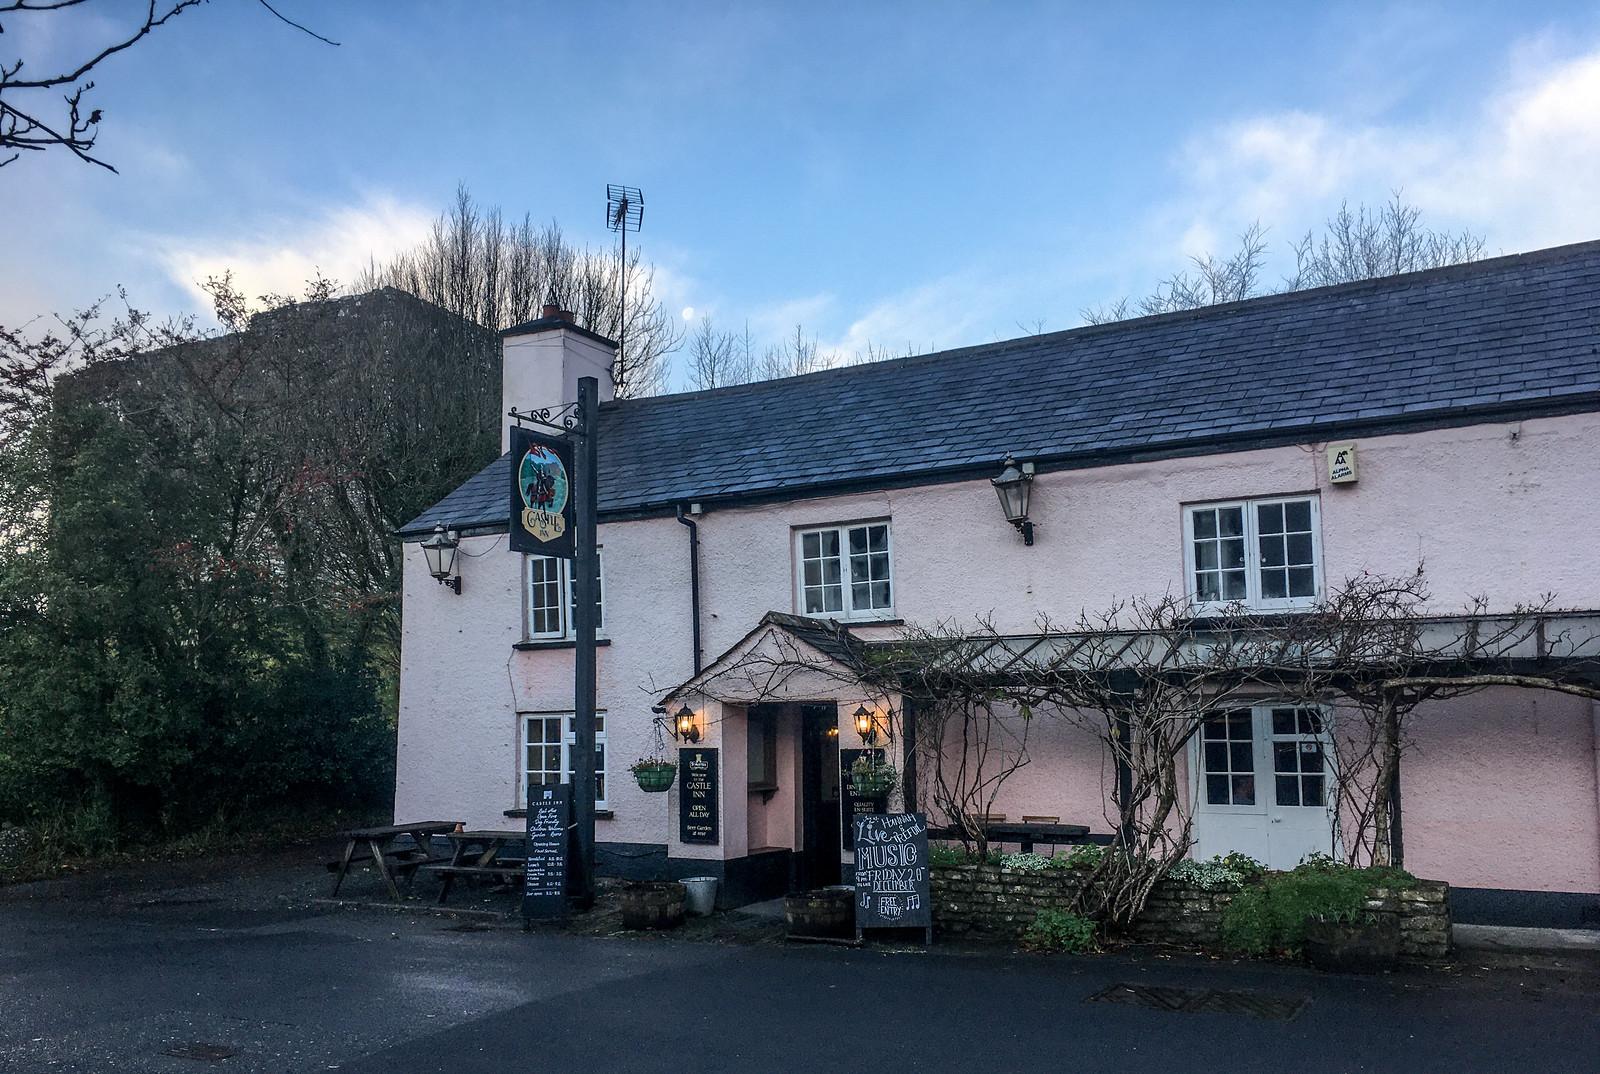 Castle Inn. Beer, food, bed